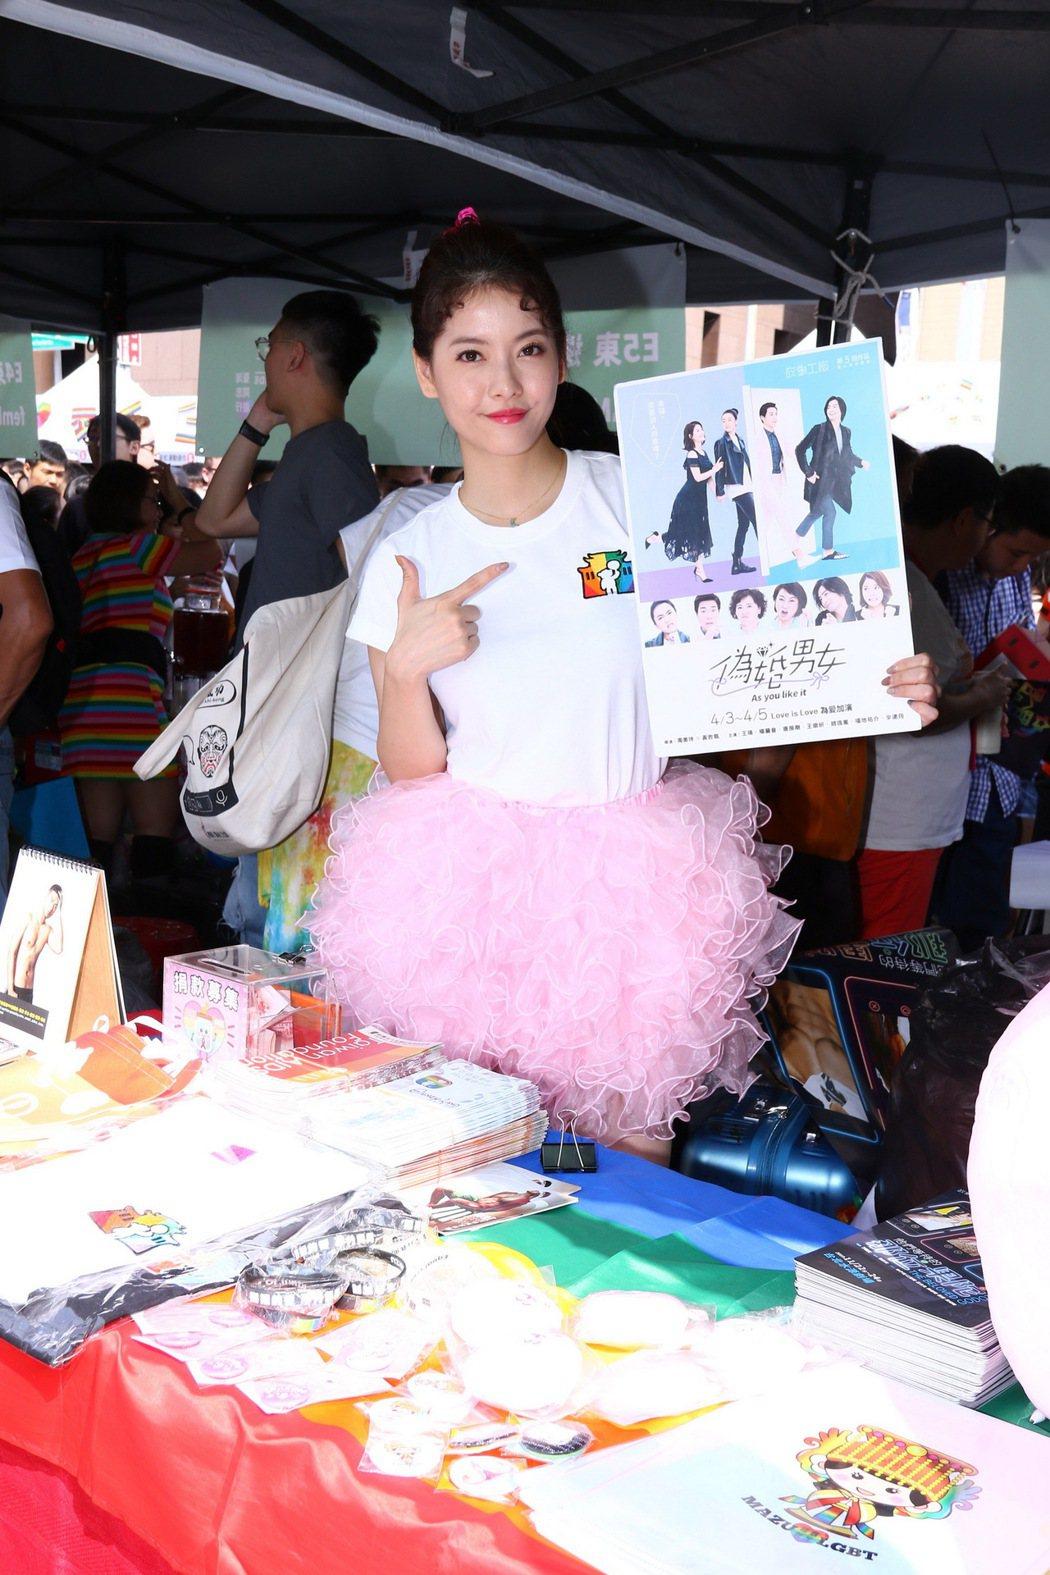 王樂妍呼籲去除愛滋污名與歧視。圖/台灣紅絲帶基金會提供